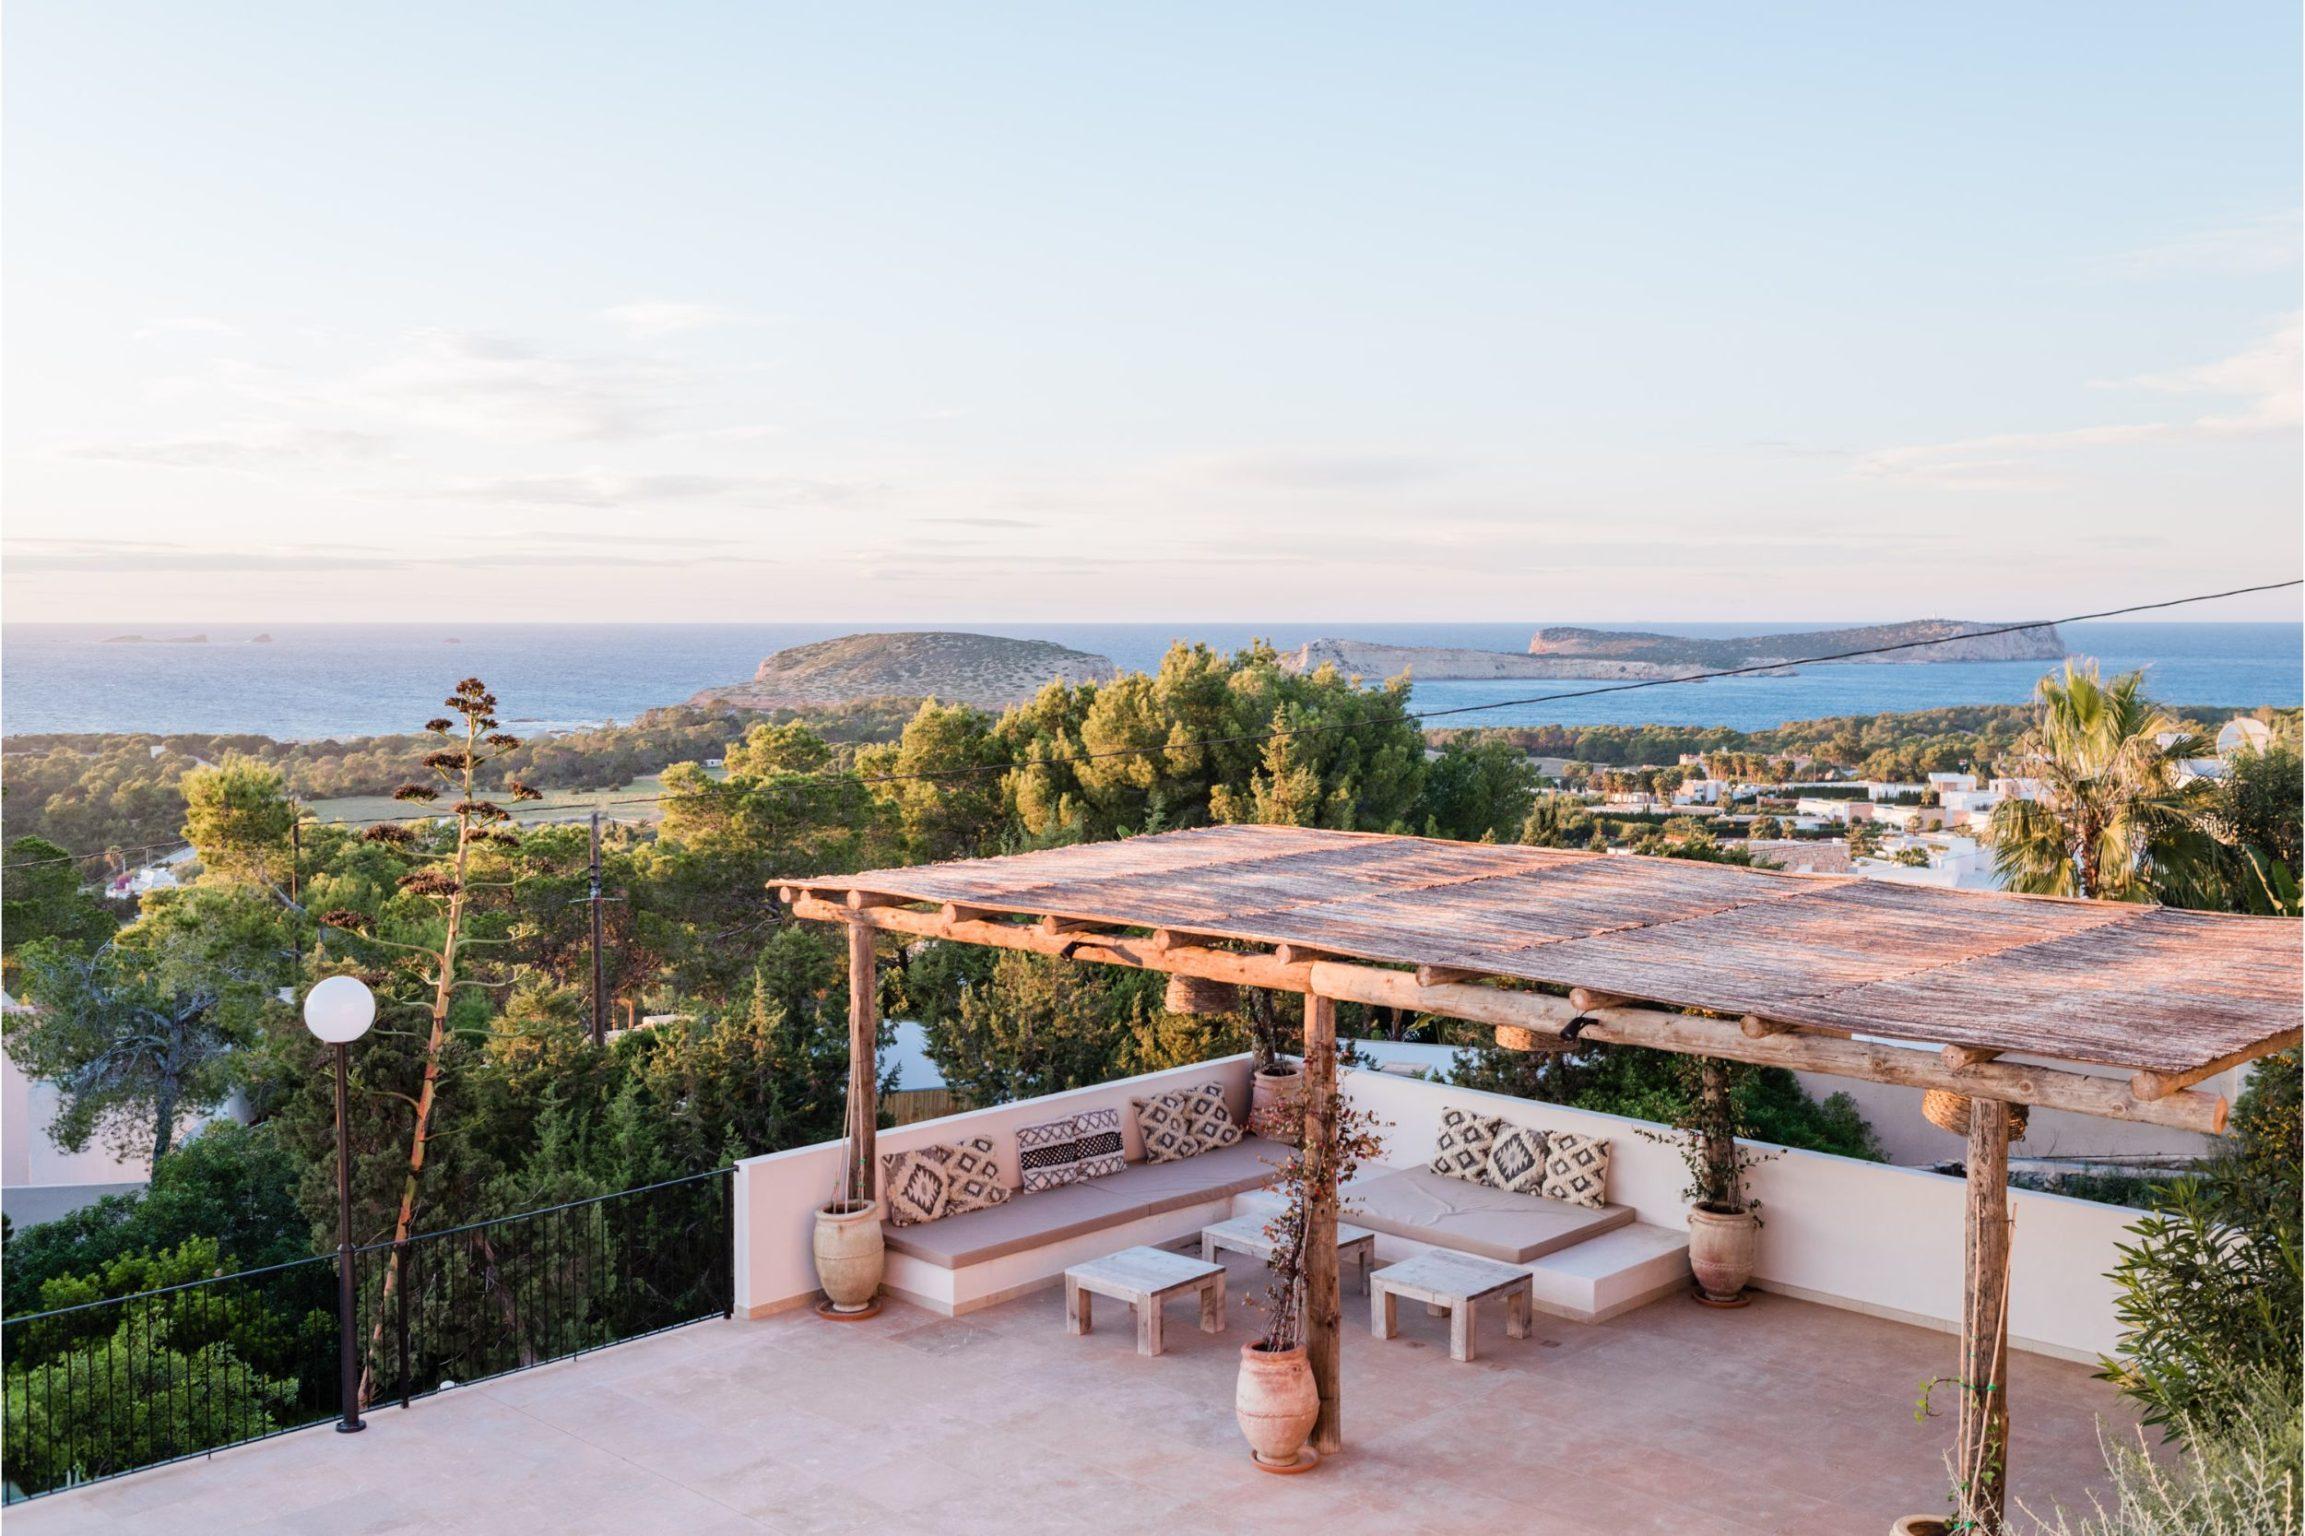 https://www.white-ibiza.com/wp-content/uploads/2020/02/white-ibiza-villas-sa-serra-outdoors-2-2305x1536.jpg